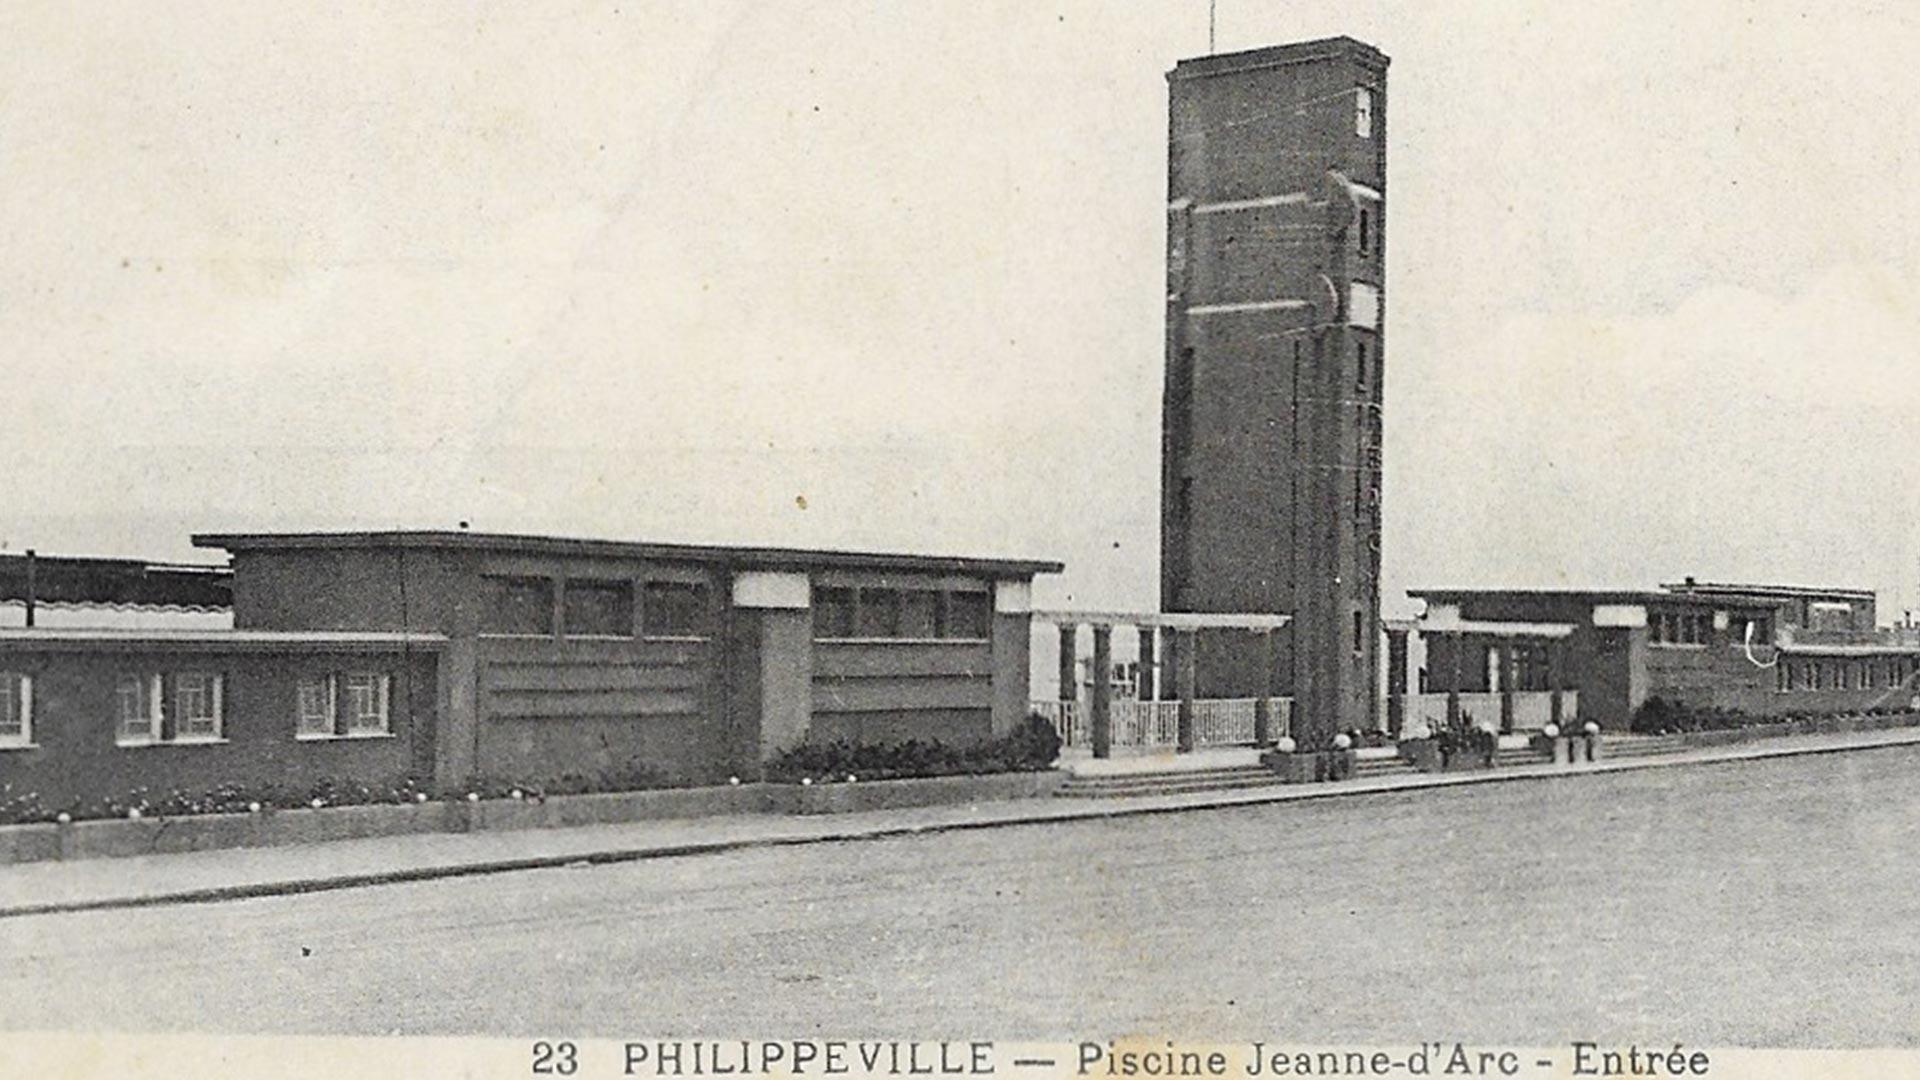 Philippeville-piscine